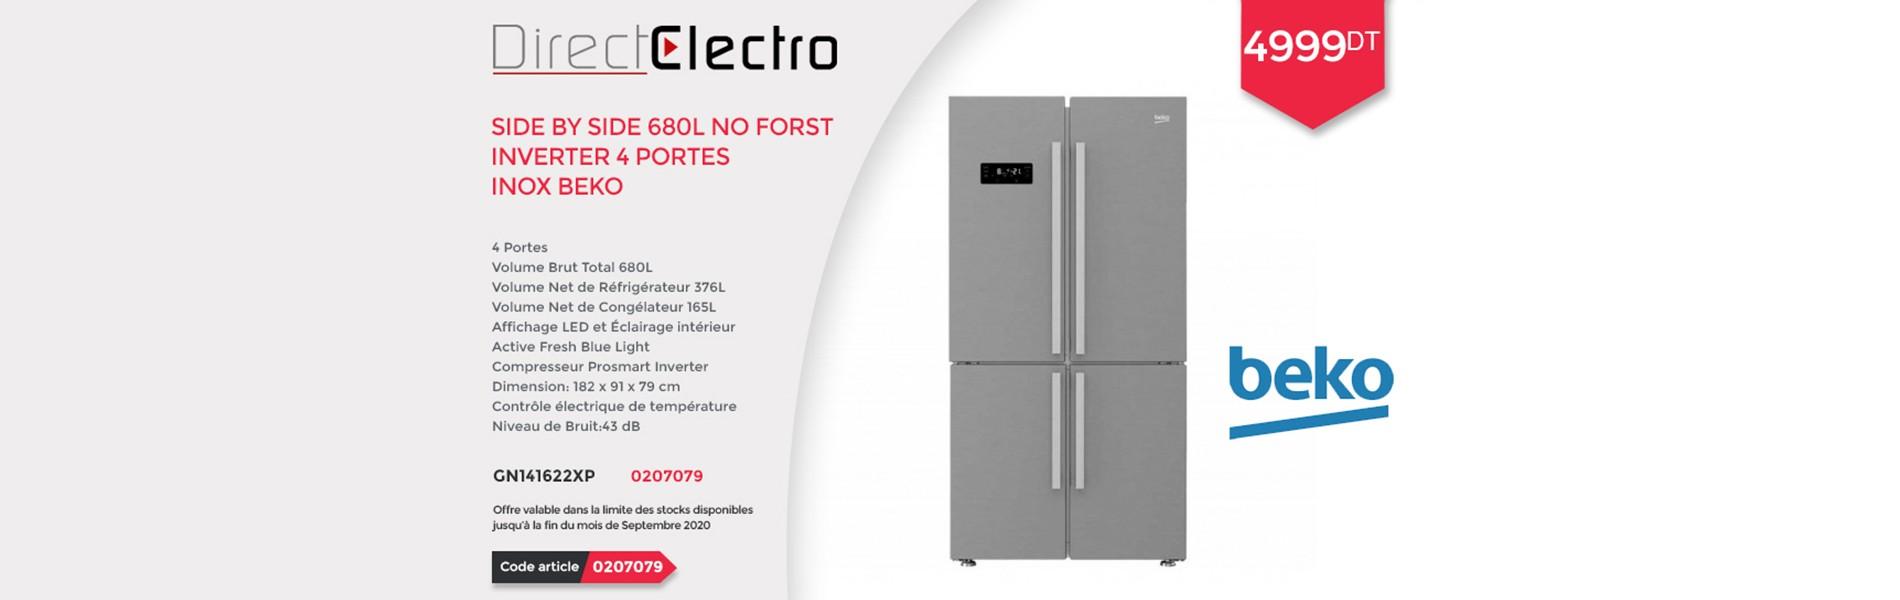 https://www.directelectro.tn/28-refrigerateur-side-by-side